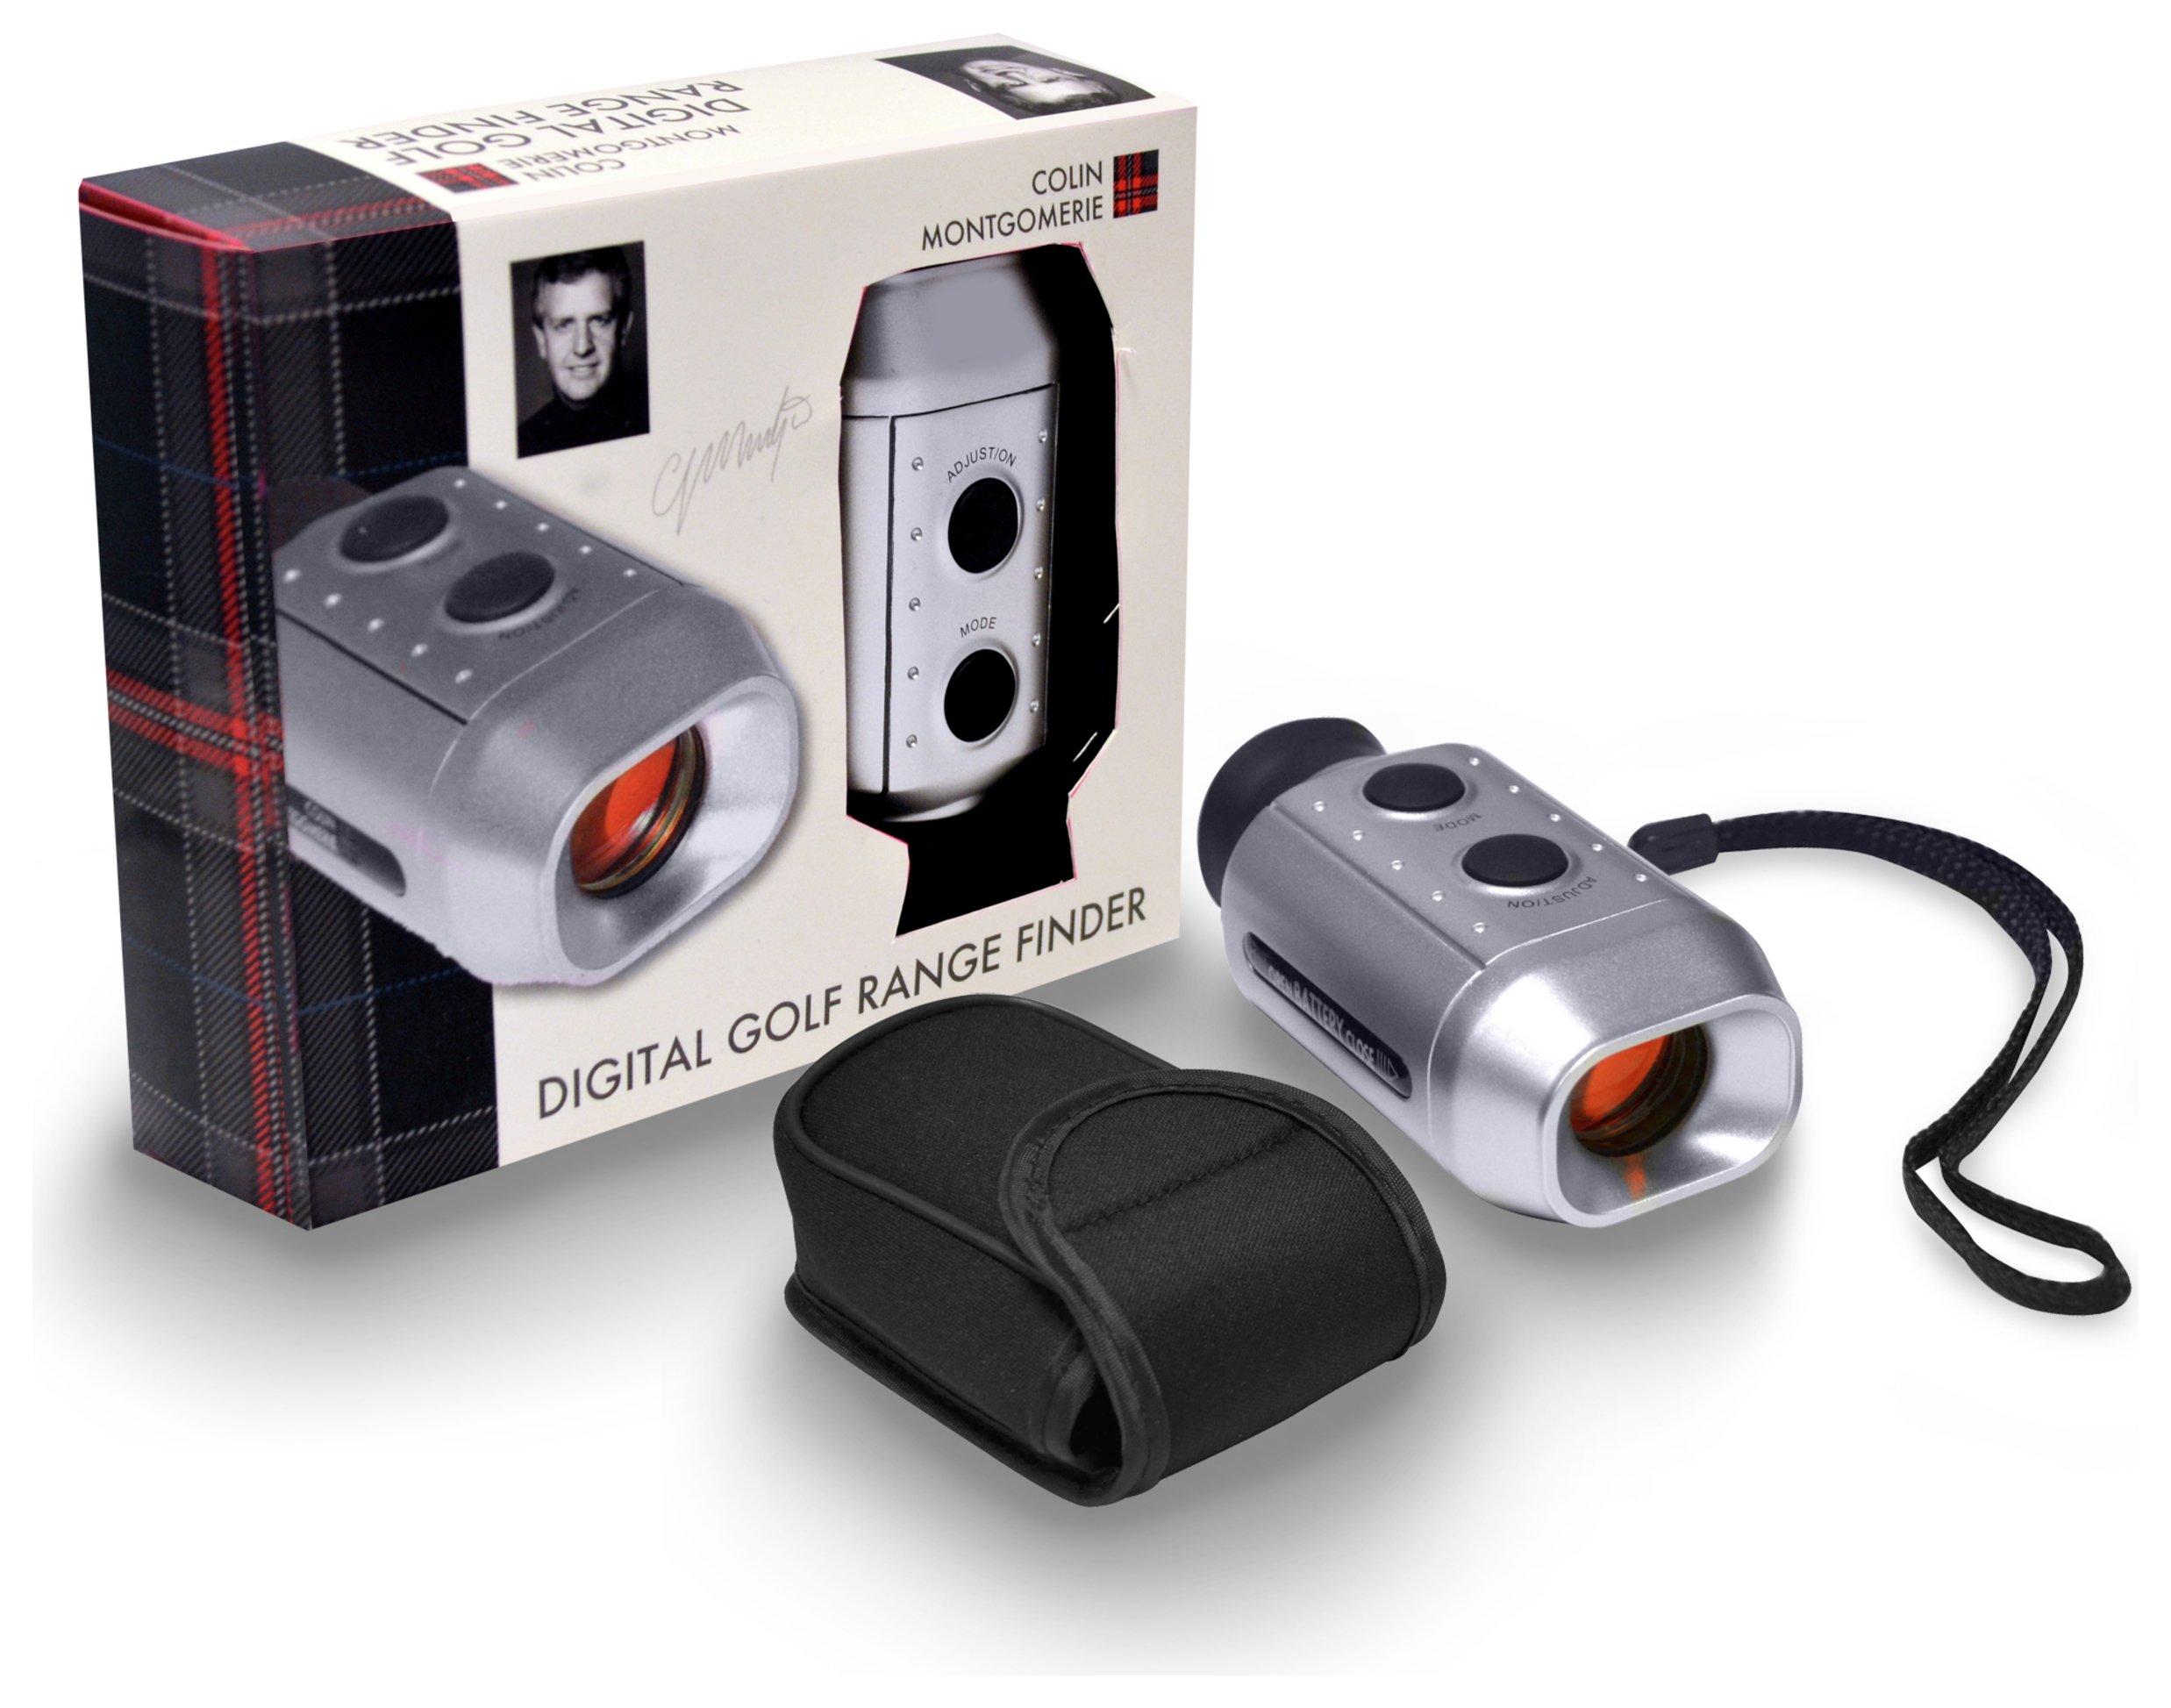 Colin Montgomerie Digital Golf Distance Finder